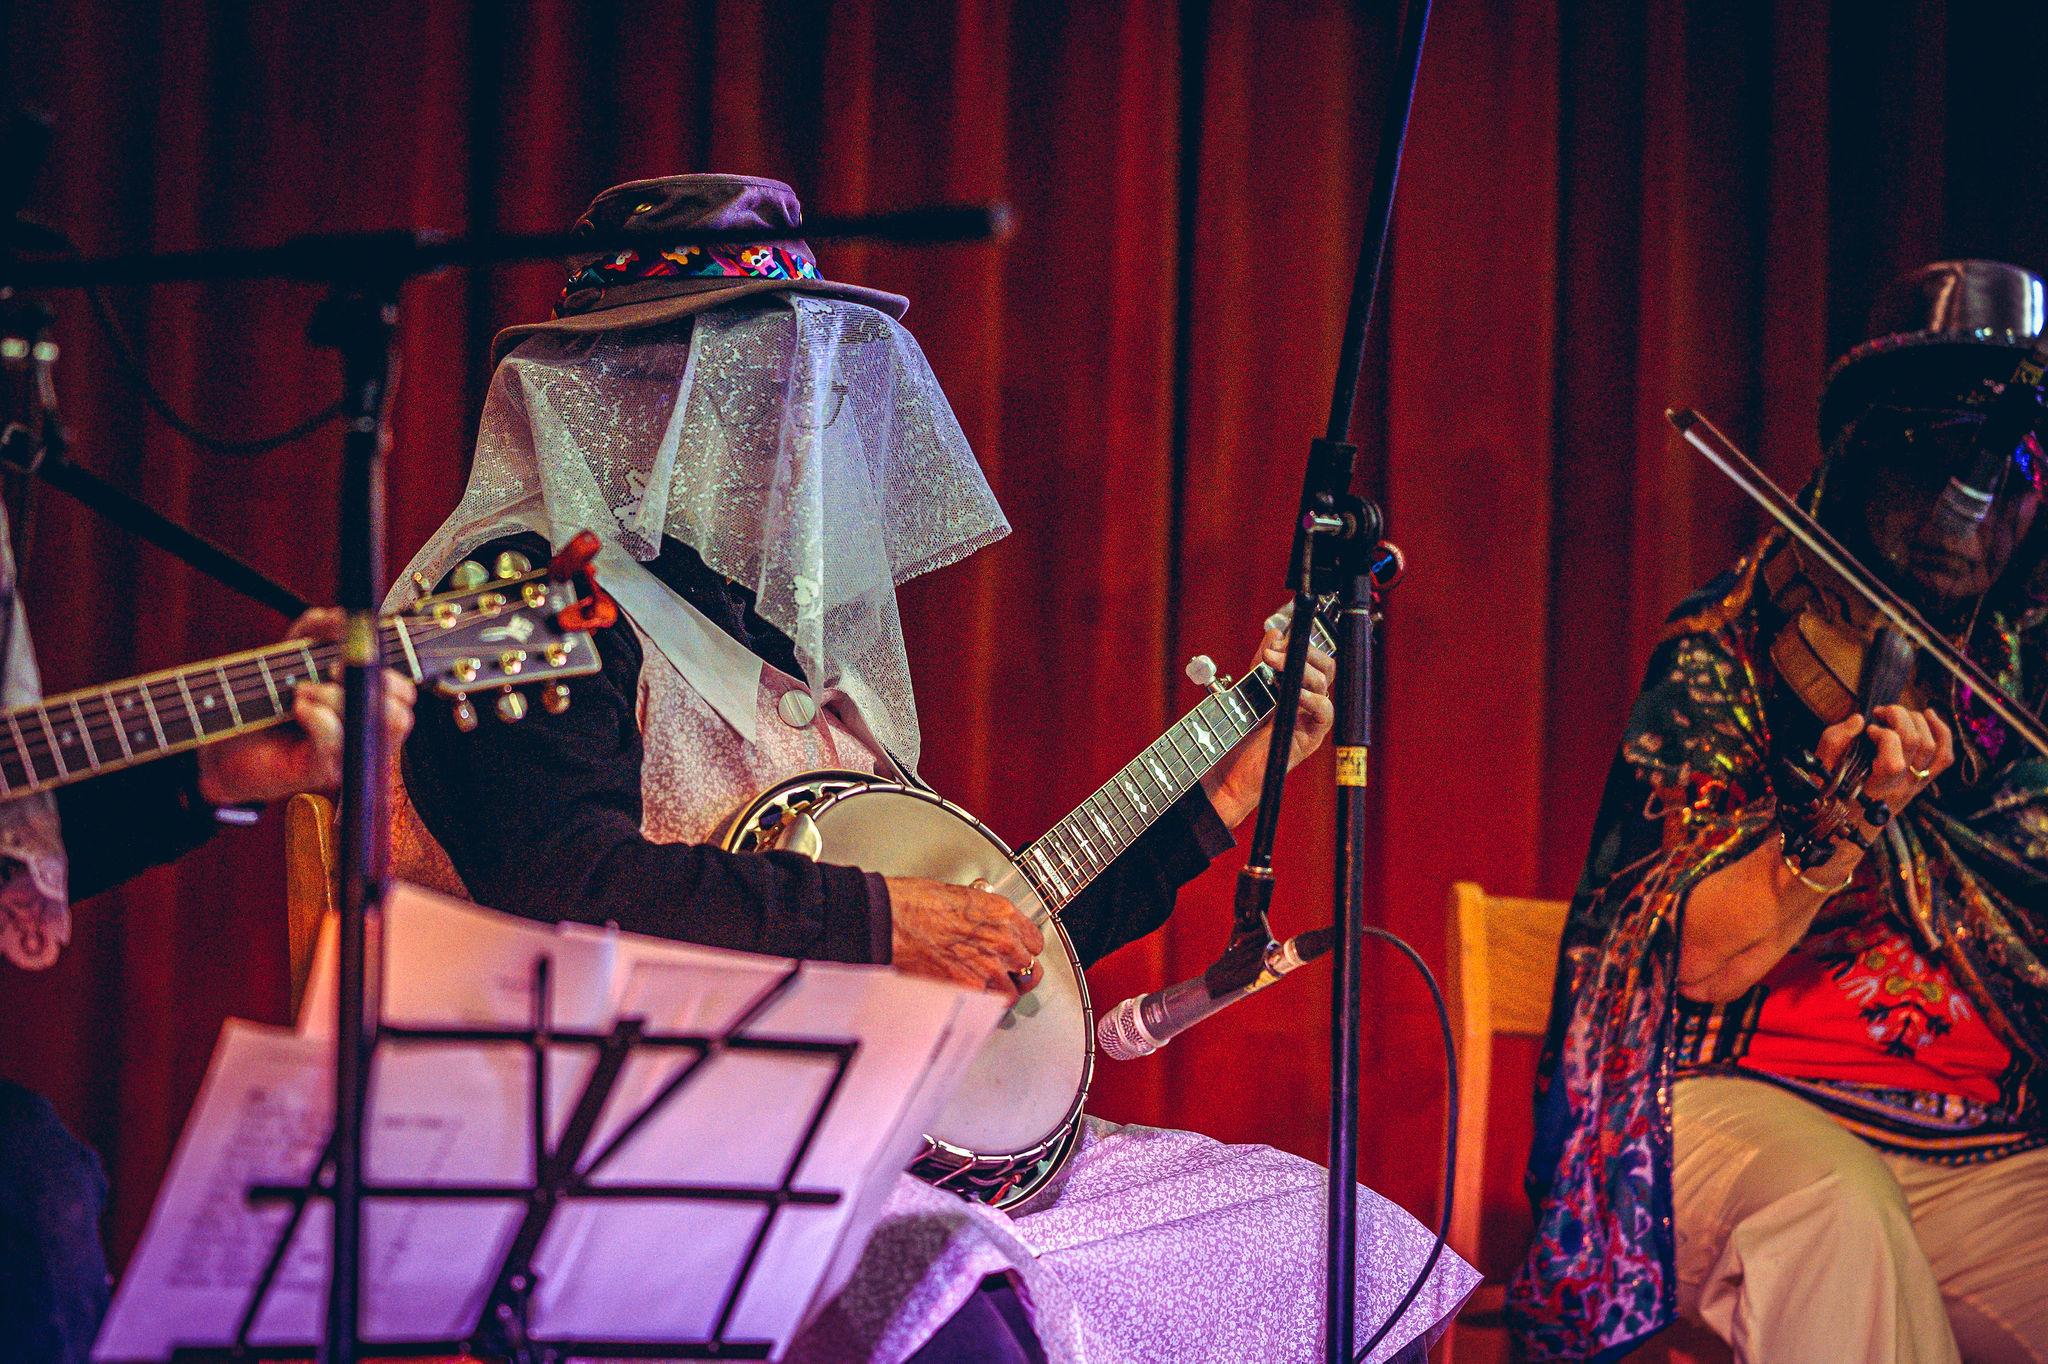 Mummer's Concert